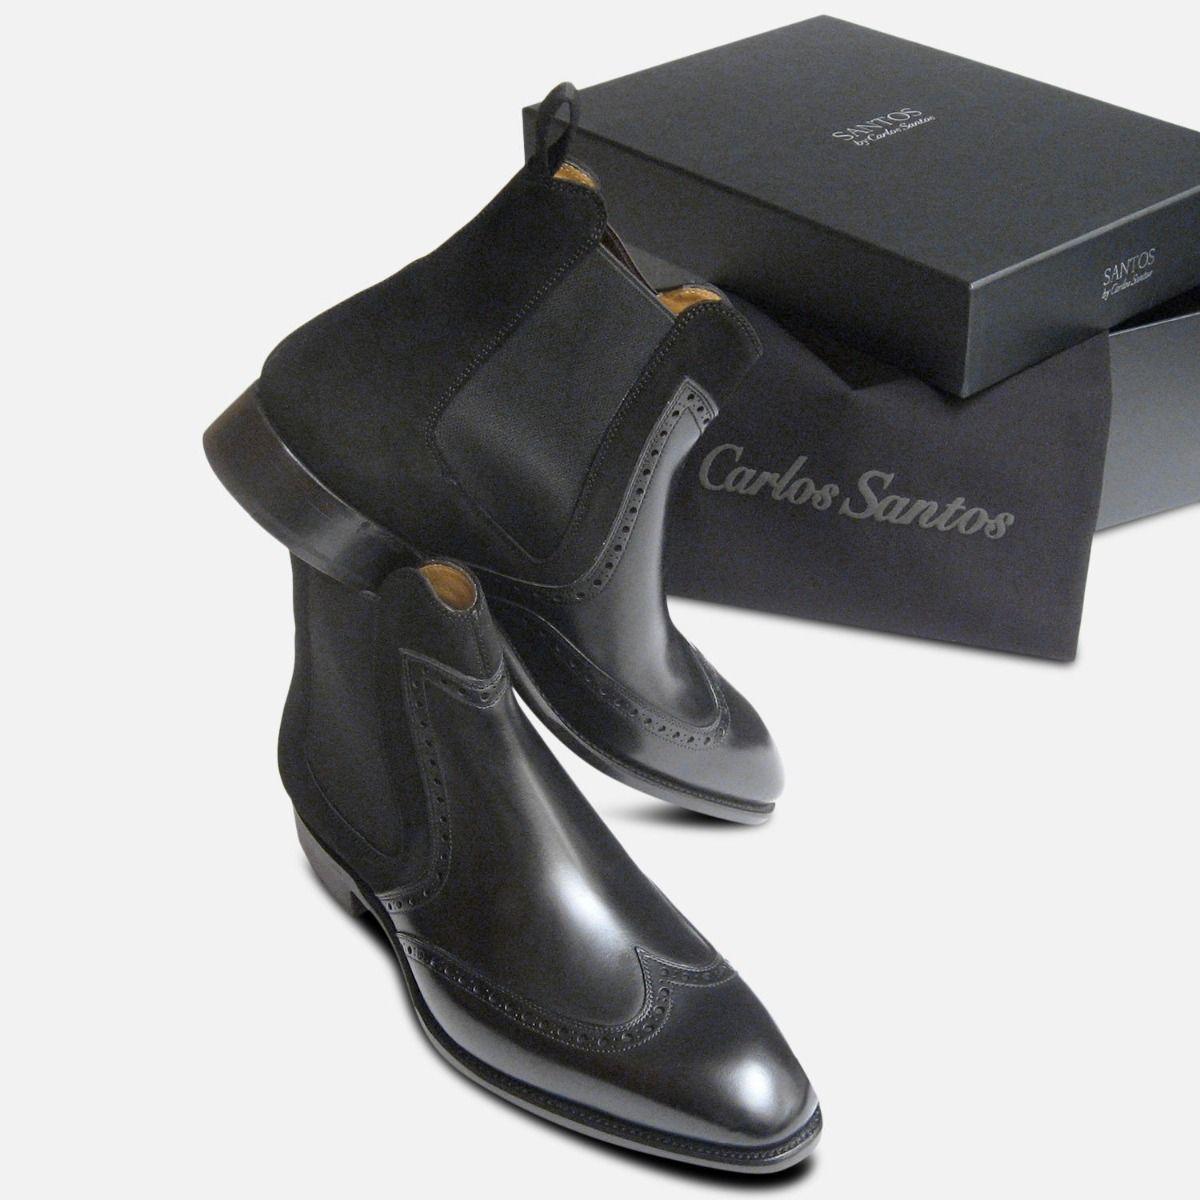 Conquer by Carlos Santos Boots in Black Calf Suede